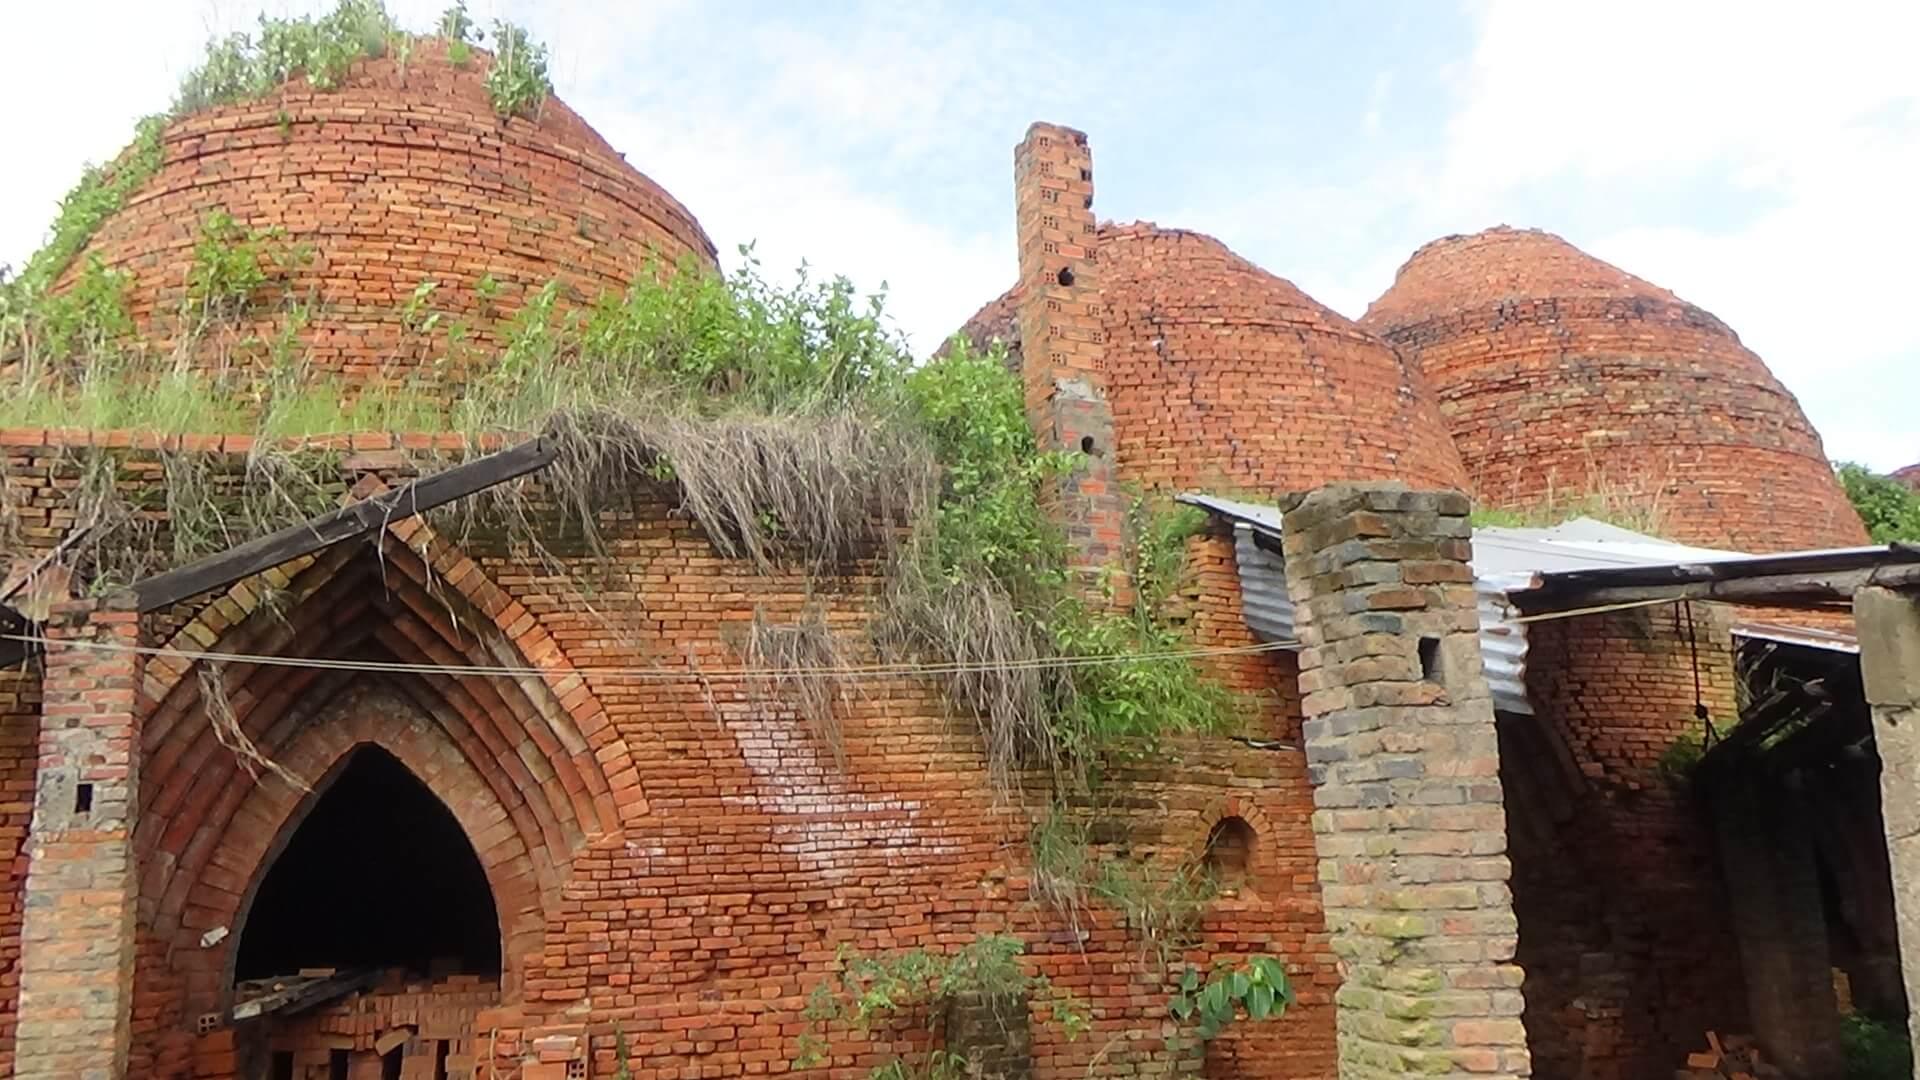 visit Mekong Delta in December